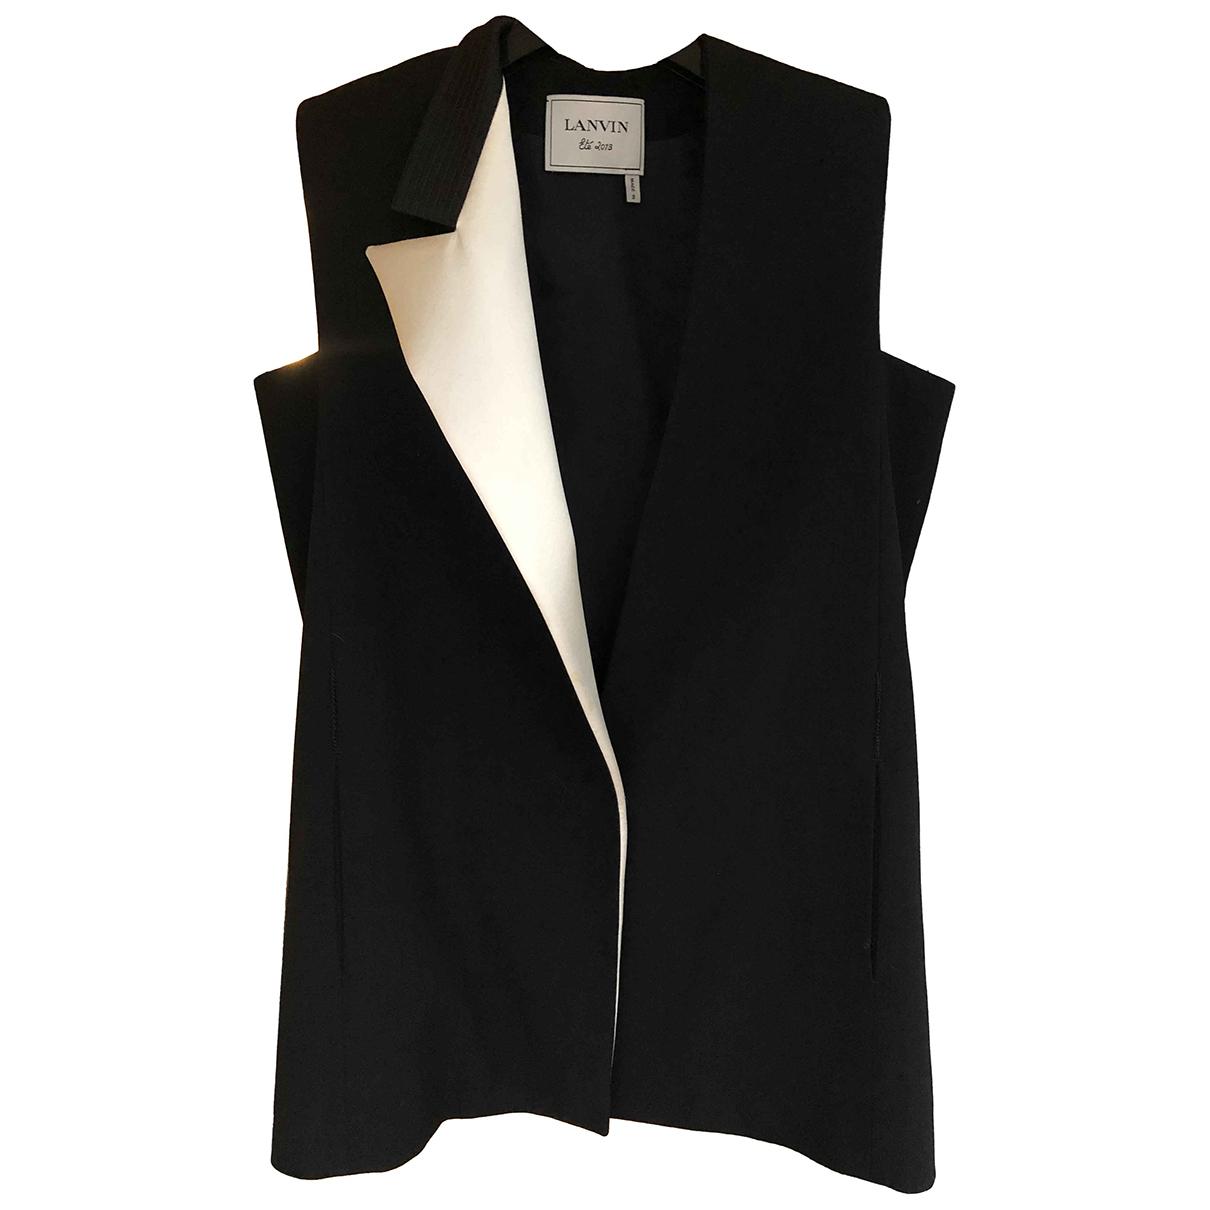 Lanvin - Veste   pour femme en laine - noir